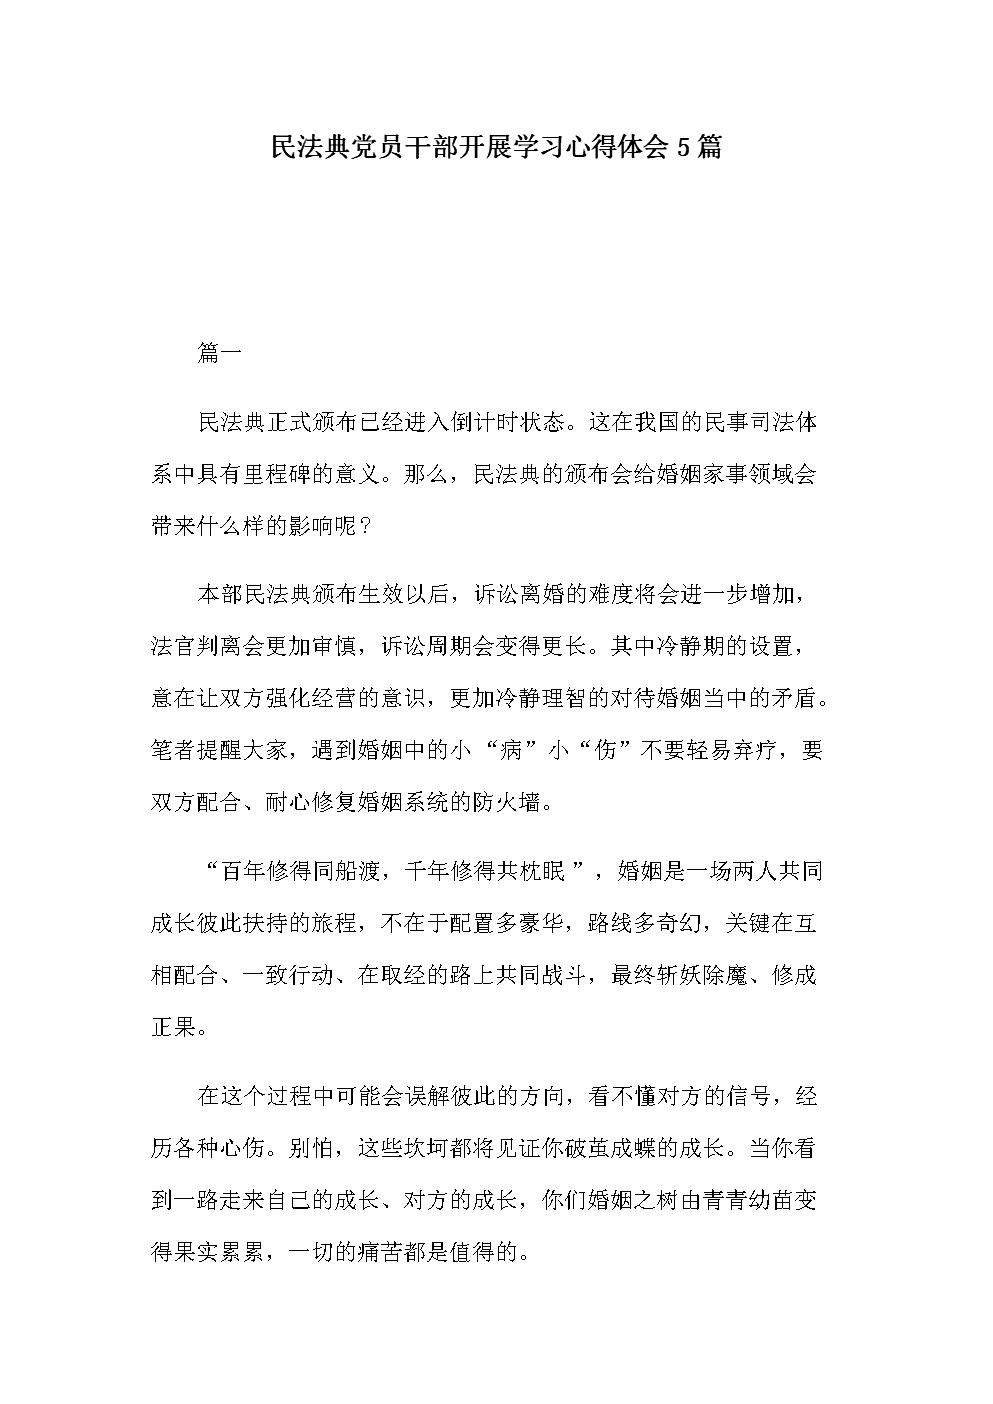 民法典黨員干部開展學習心得體會5篇.docx